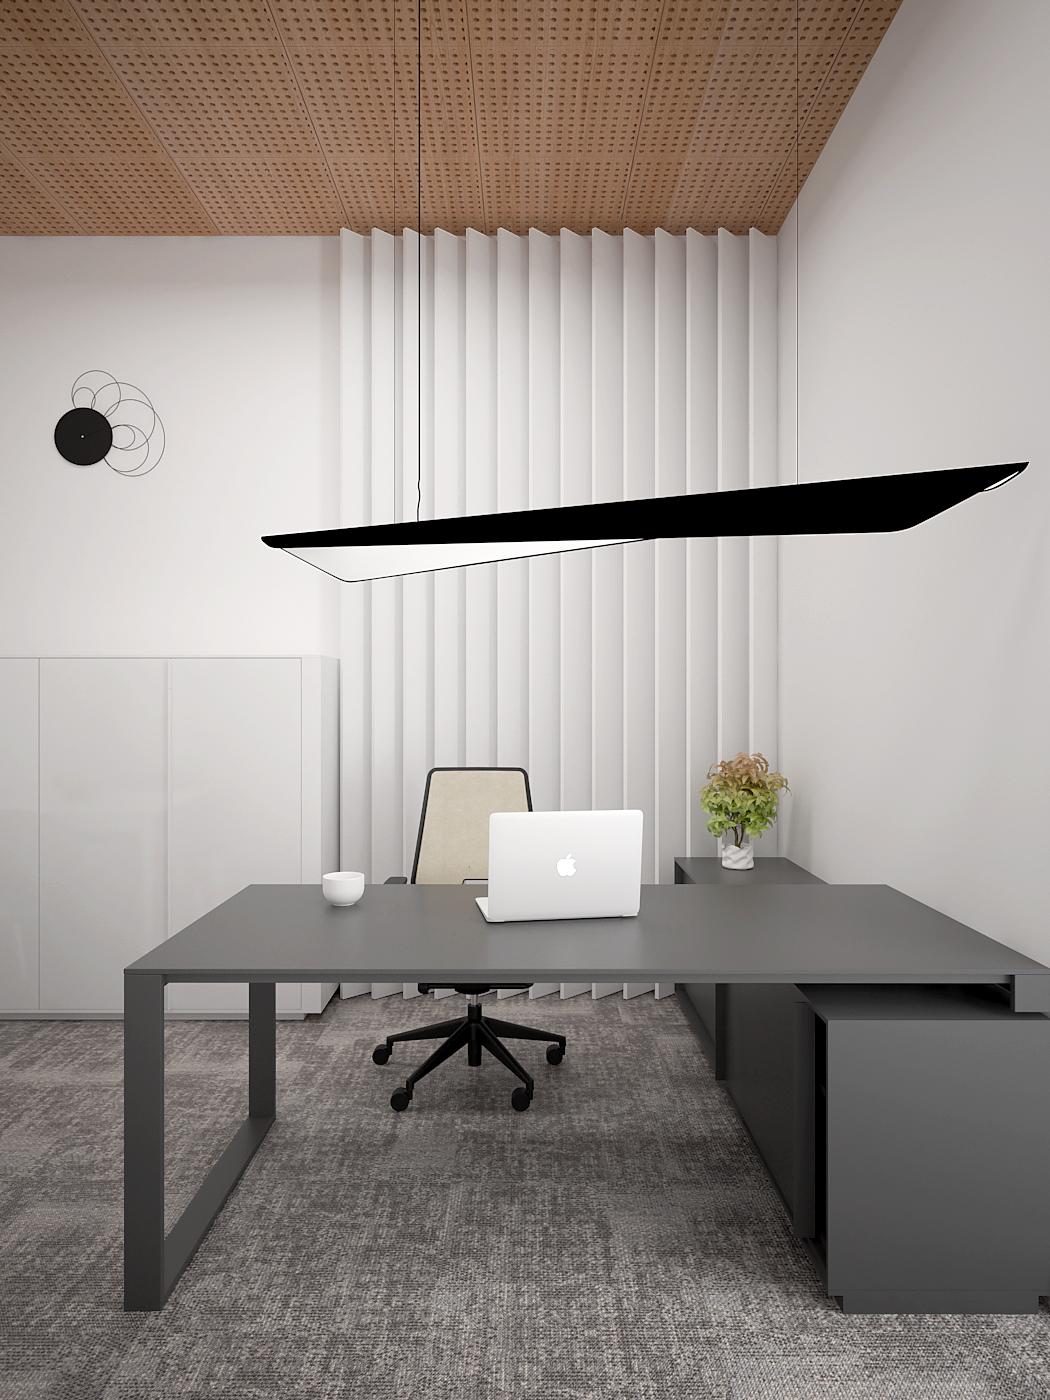 5 aranzacja biura 485 biuro krakow gabinet szare biurko z komoda fotel biurowy lamele na scianie azurowy sufit wygluszenie